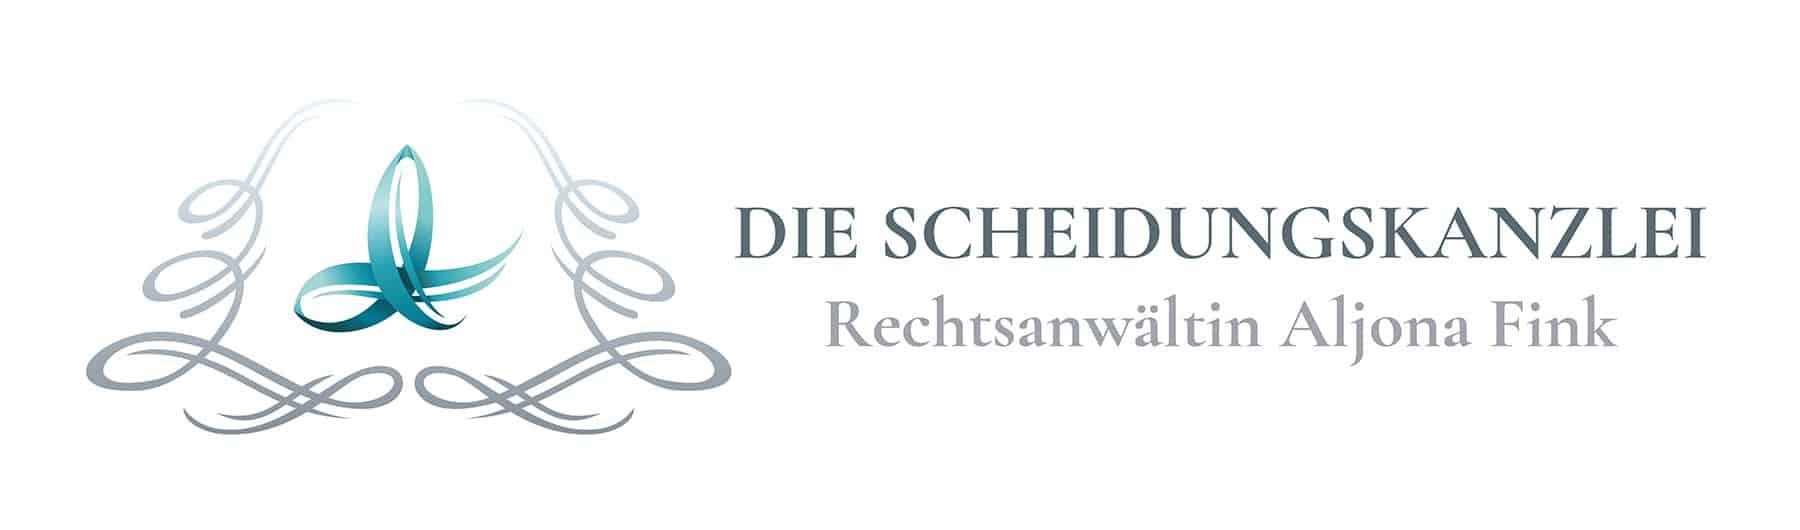 Logo Design / Logo Entwicklung für Aljona Fink und die Scheidungskanzlei - Logo Design aus Eckernförde - Logo Designer Andrea Baitz